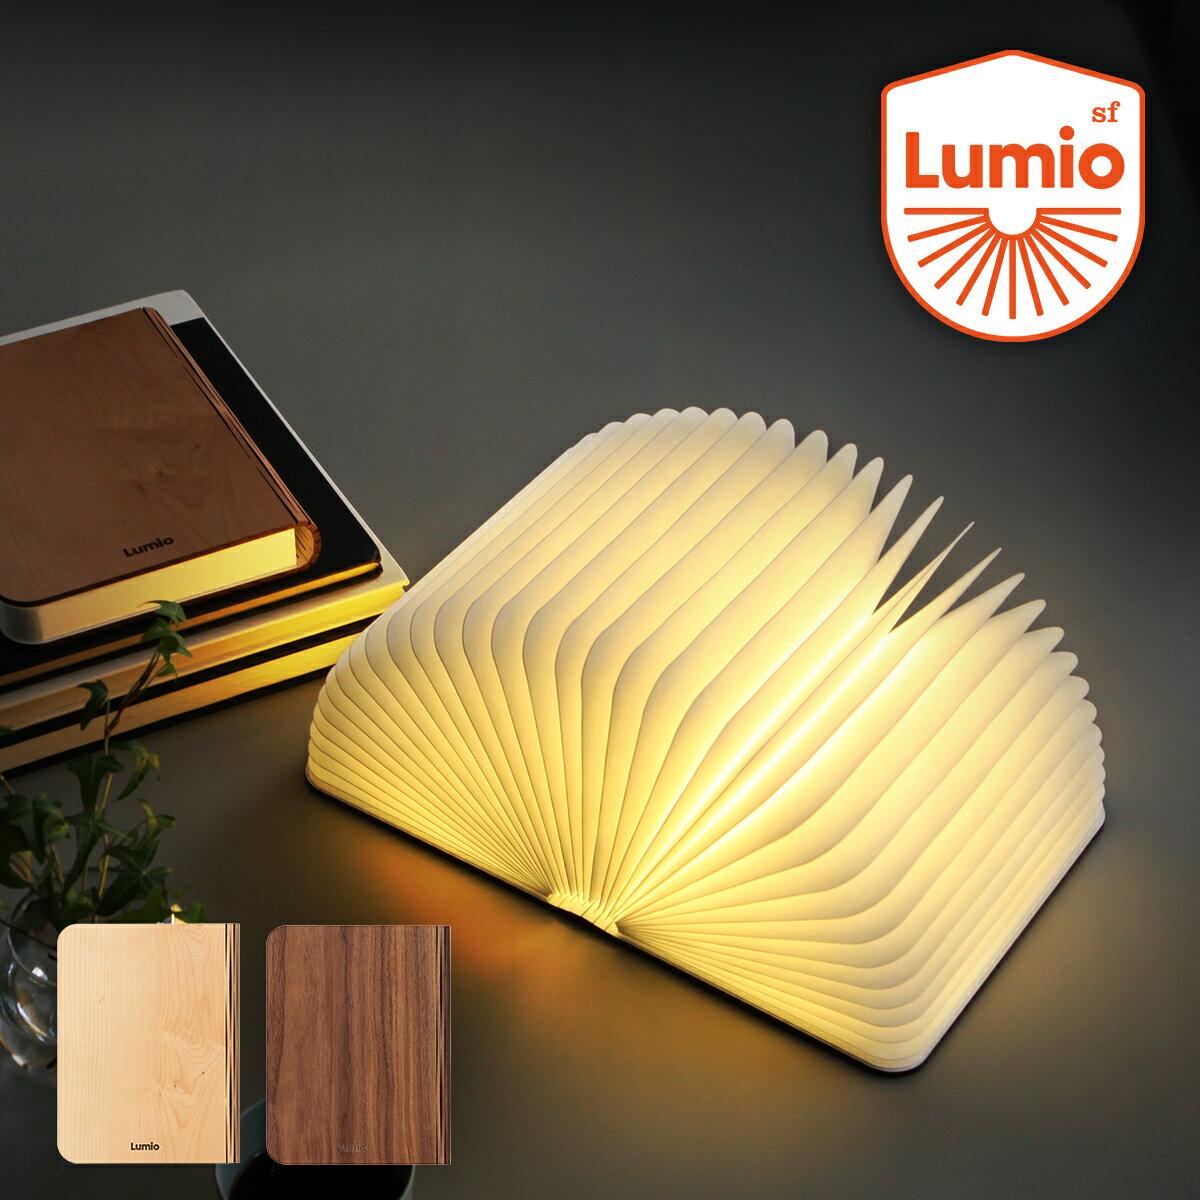 ルミオ Lumiosf 【正規品】 ブック型LEDライト ブック型 LEDライト ブック型ライト 本型 LEDライト 本型 本型ライト おしゃれ 照明 コードレス LED デスクライト テーブルライト ポータブル コンパクト ウッド 充電式 デザイナーズ照明 【送料無料】 [ LUMIOSF ]